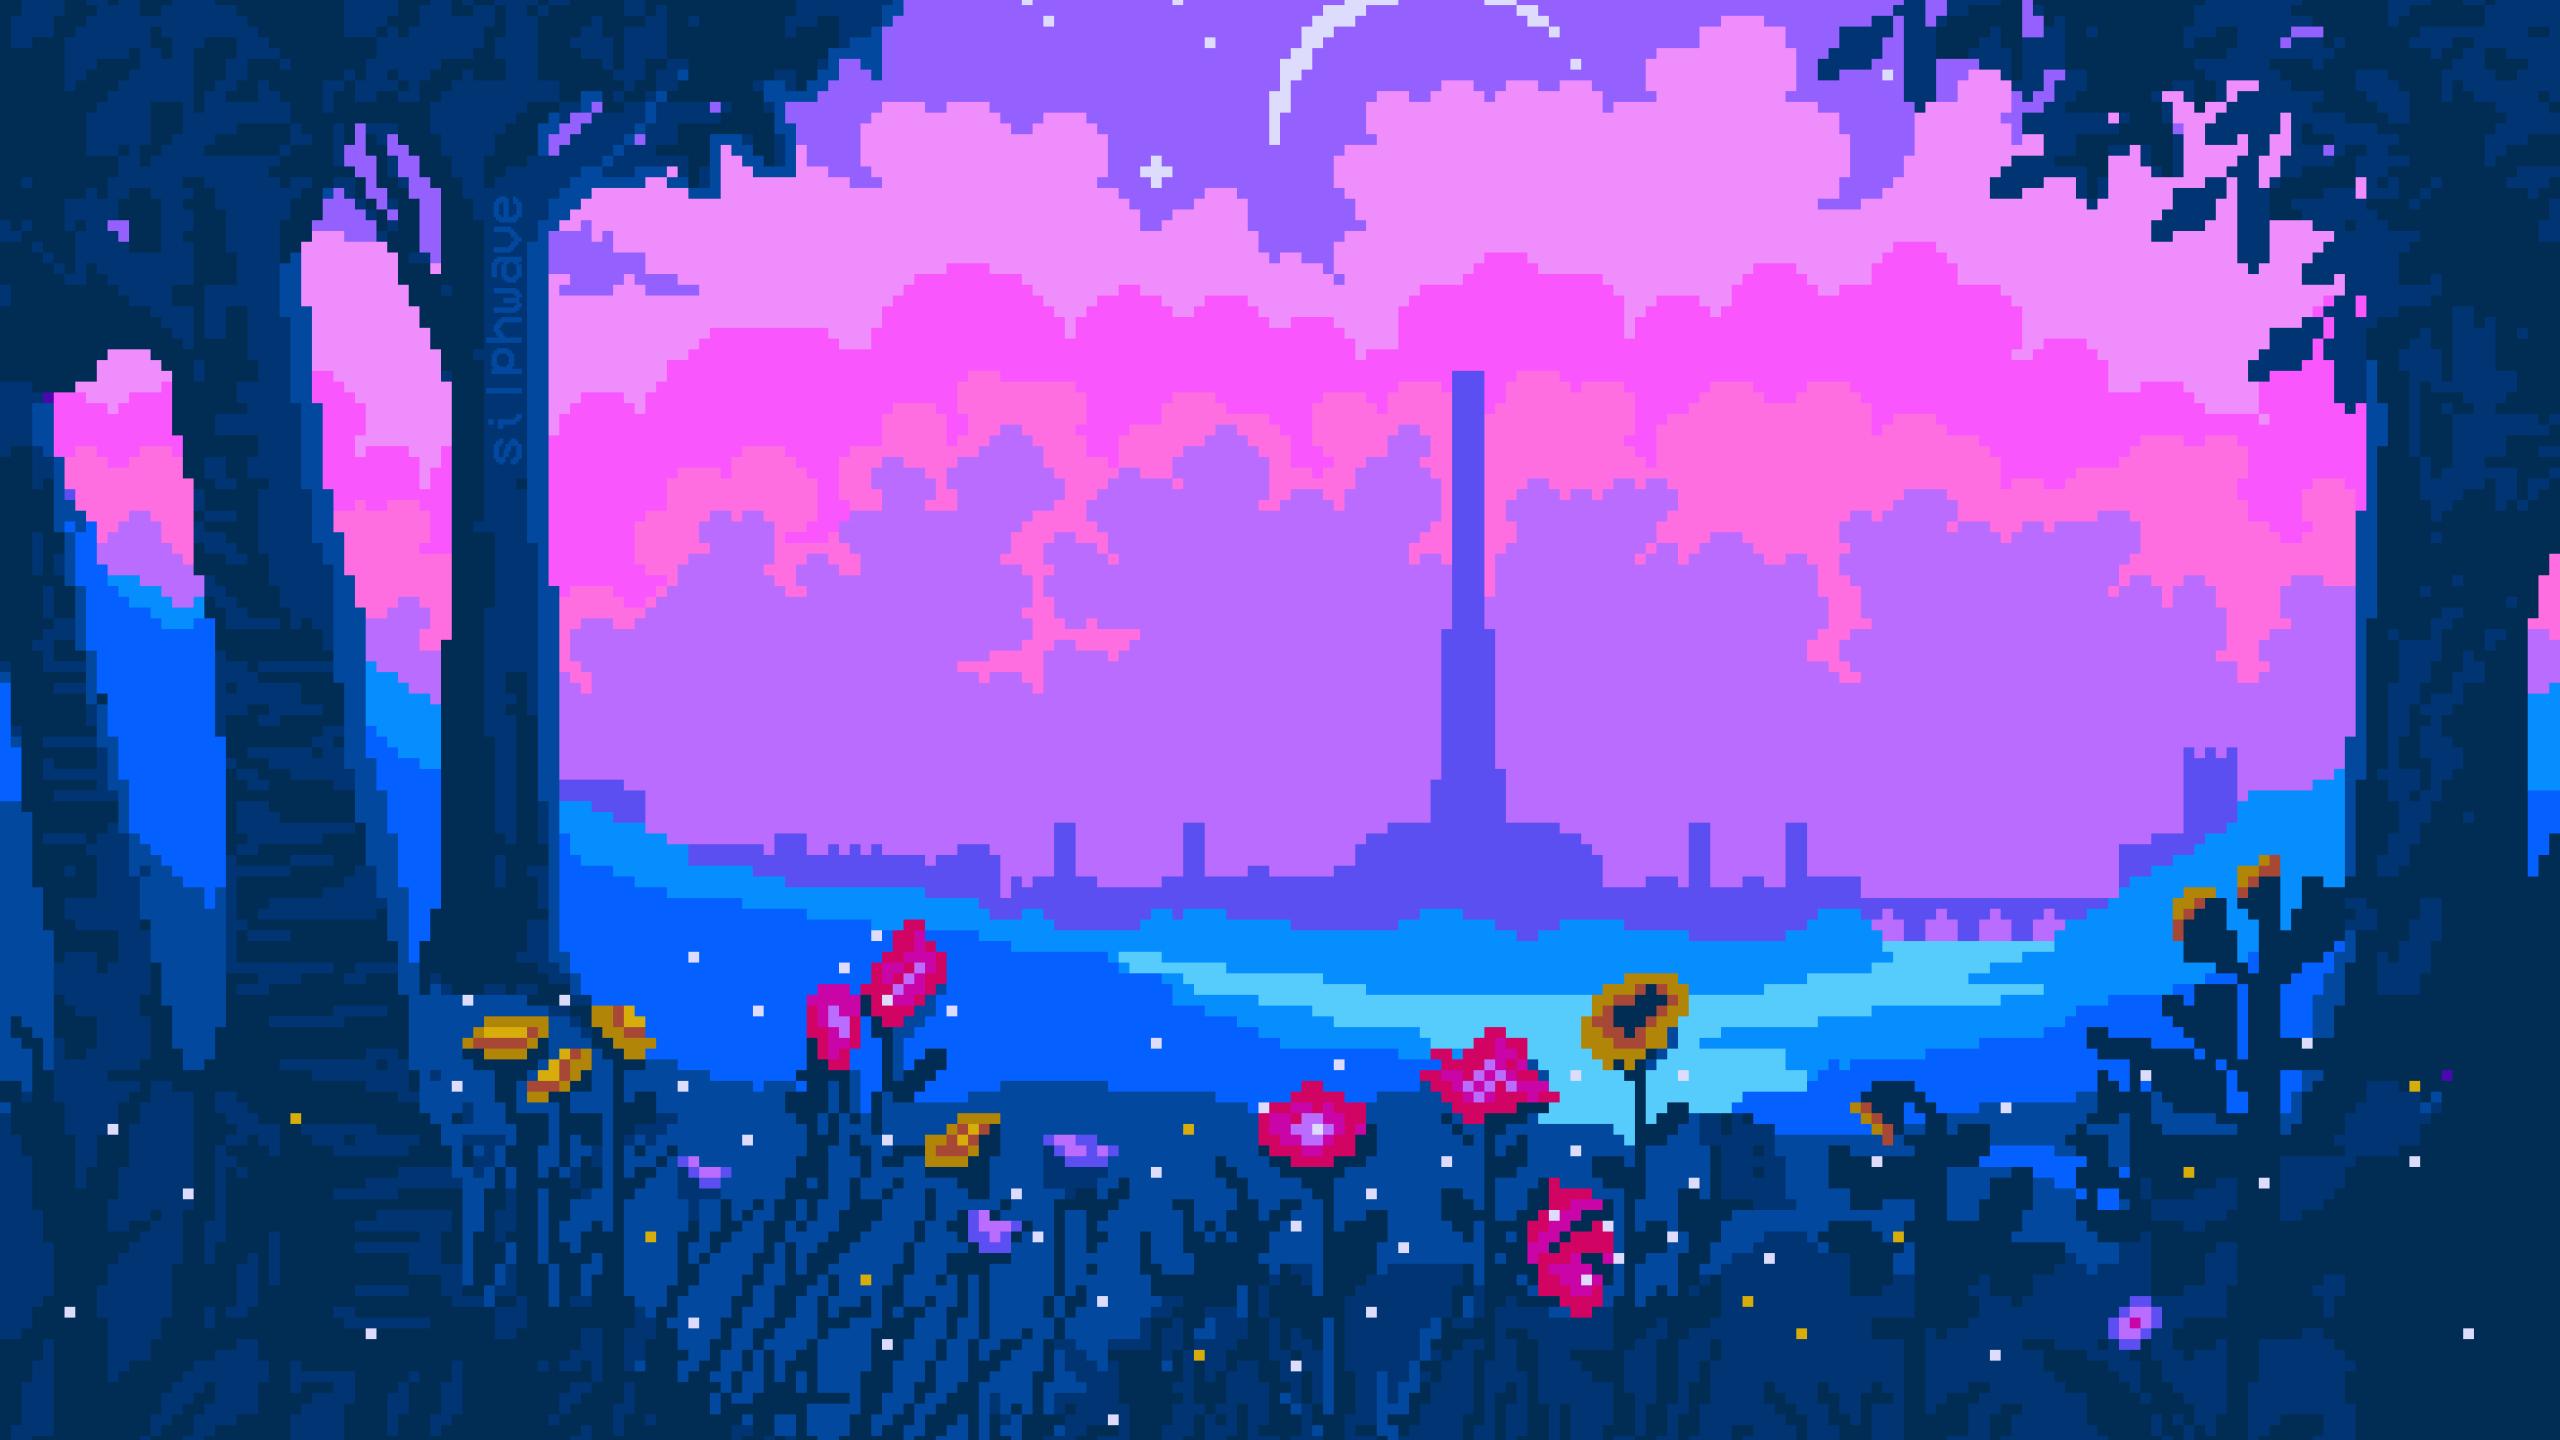 2560x1440 Cyrodiil Pixel Art 1440p Resolution Wallpaper Hd